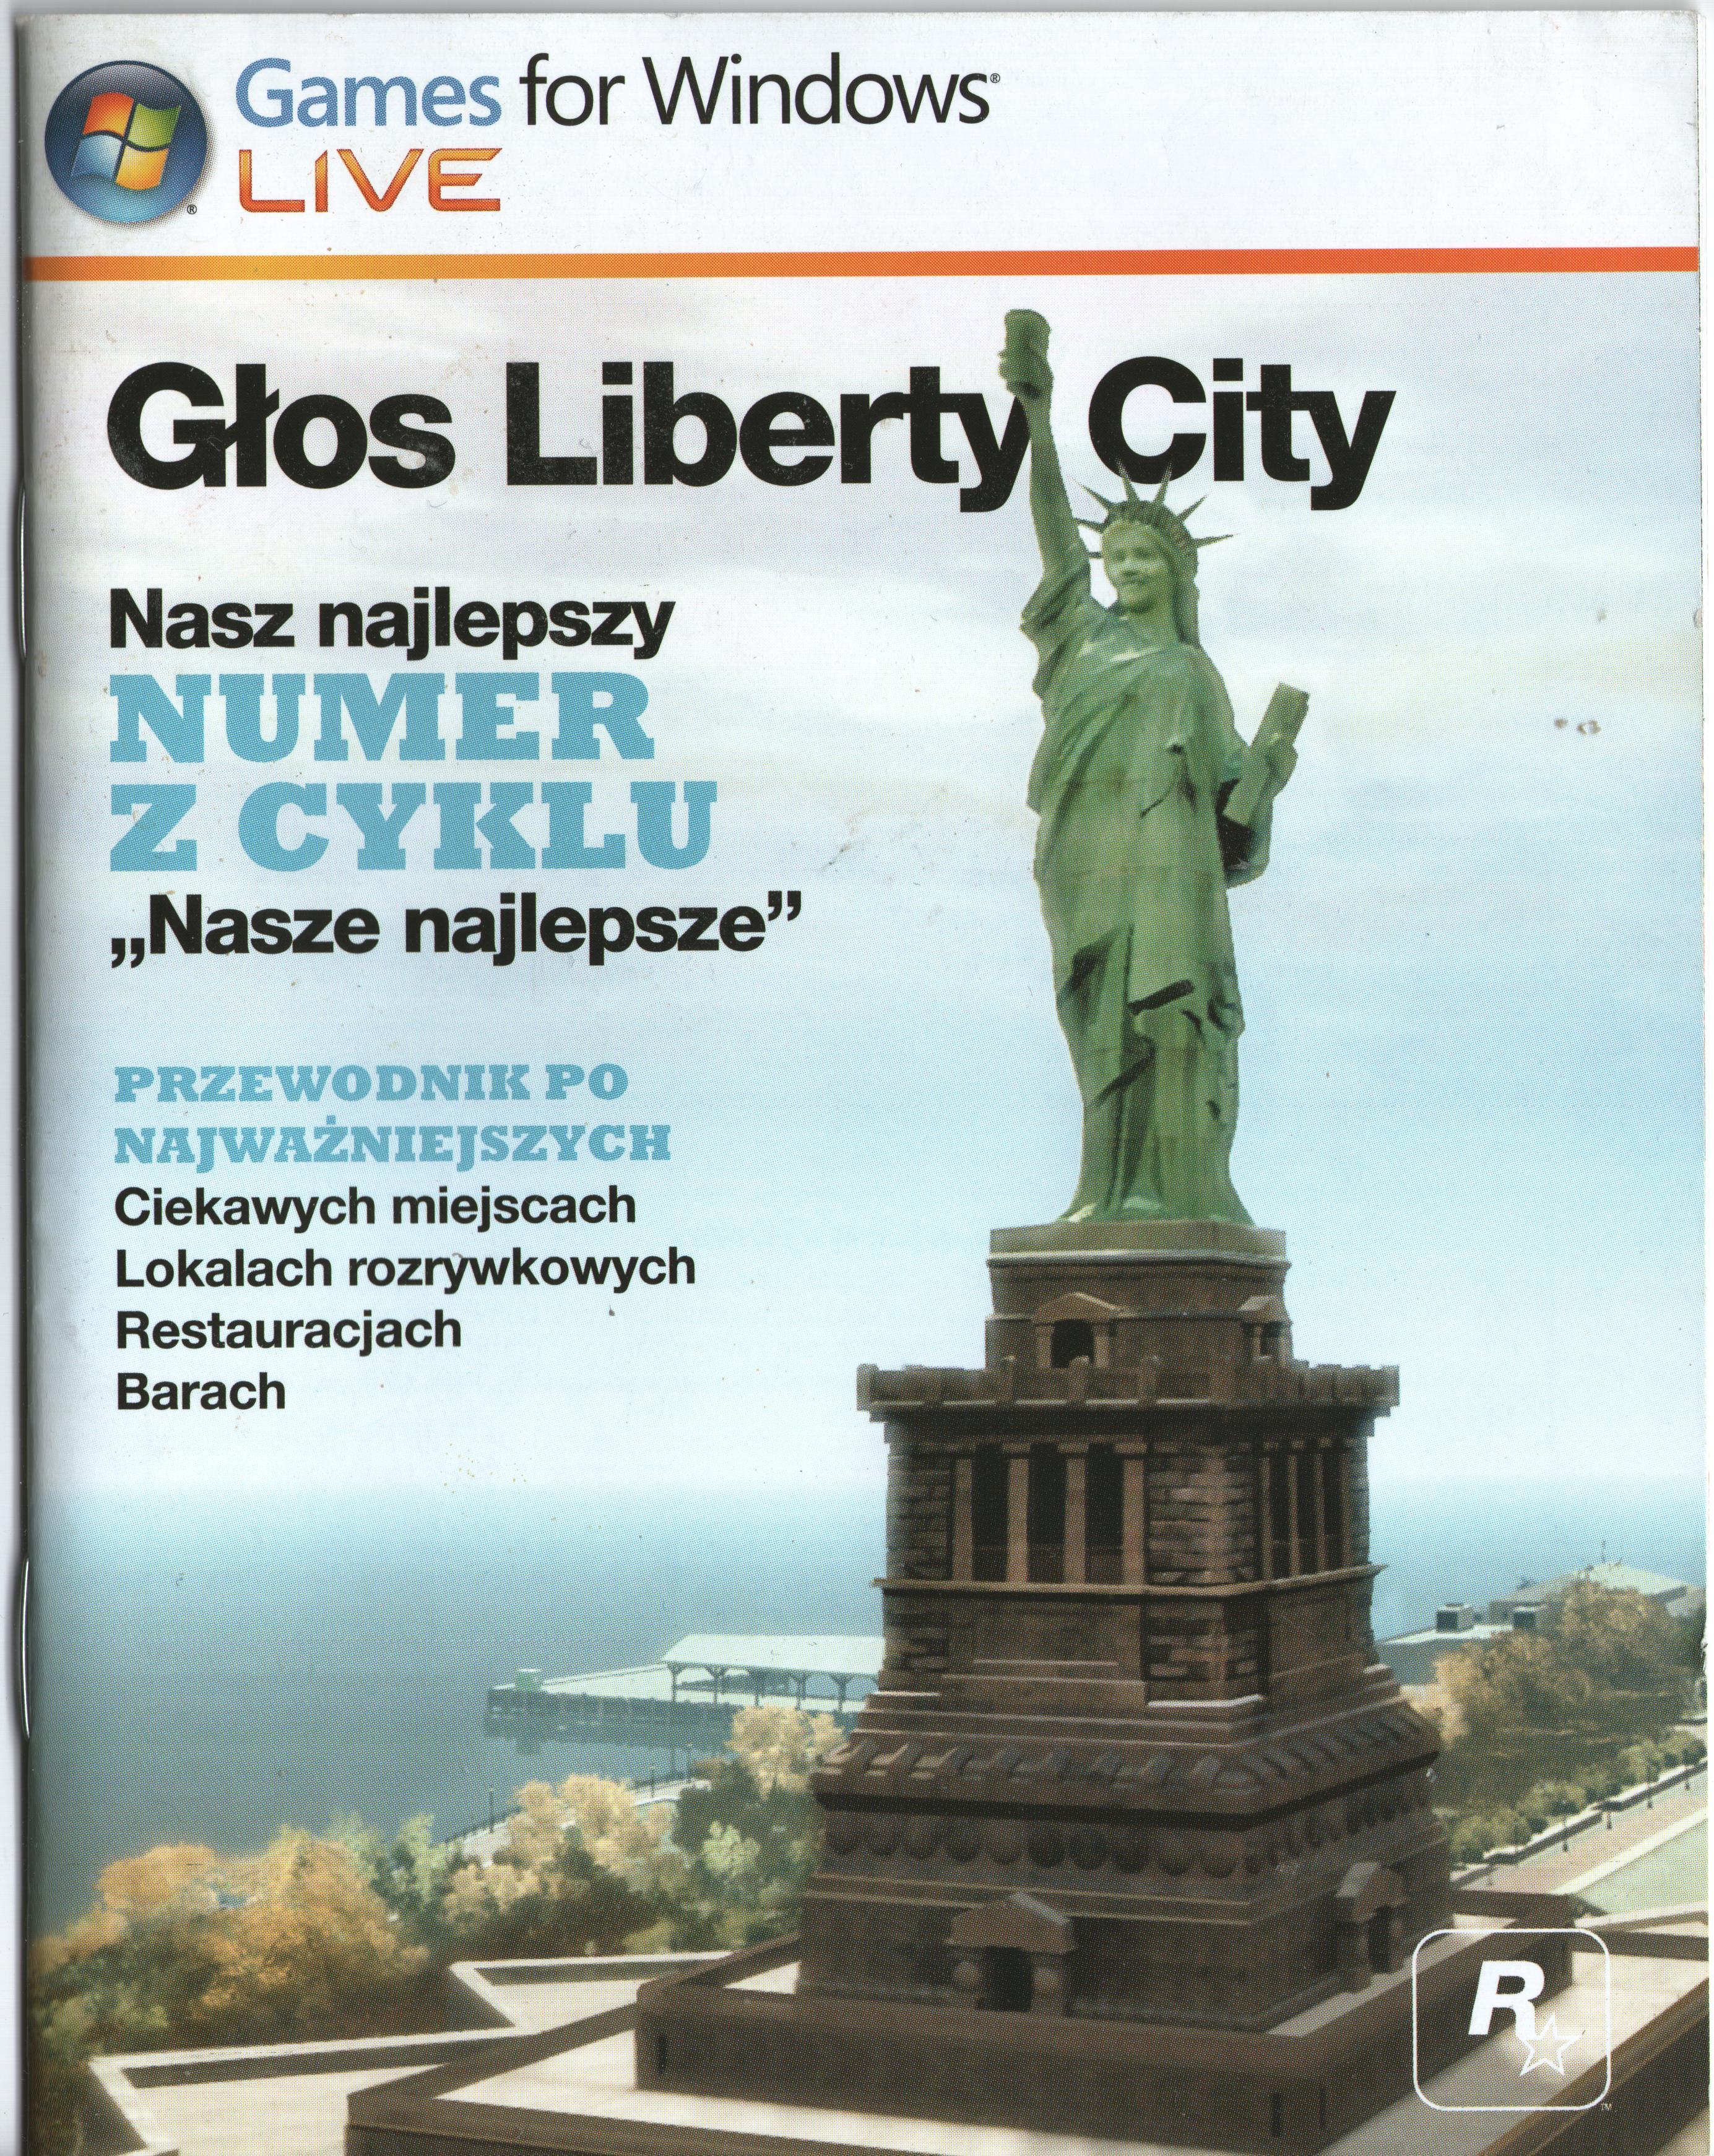 Głos Liberty City